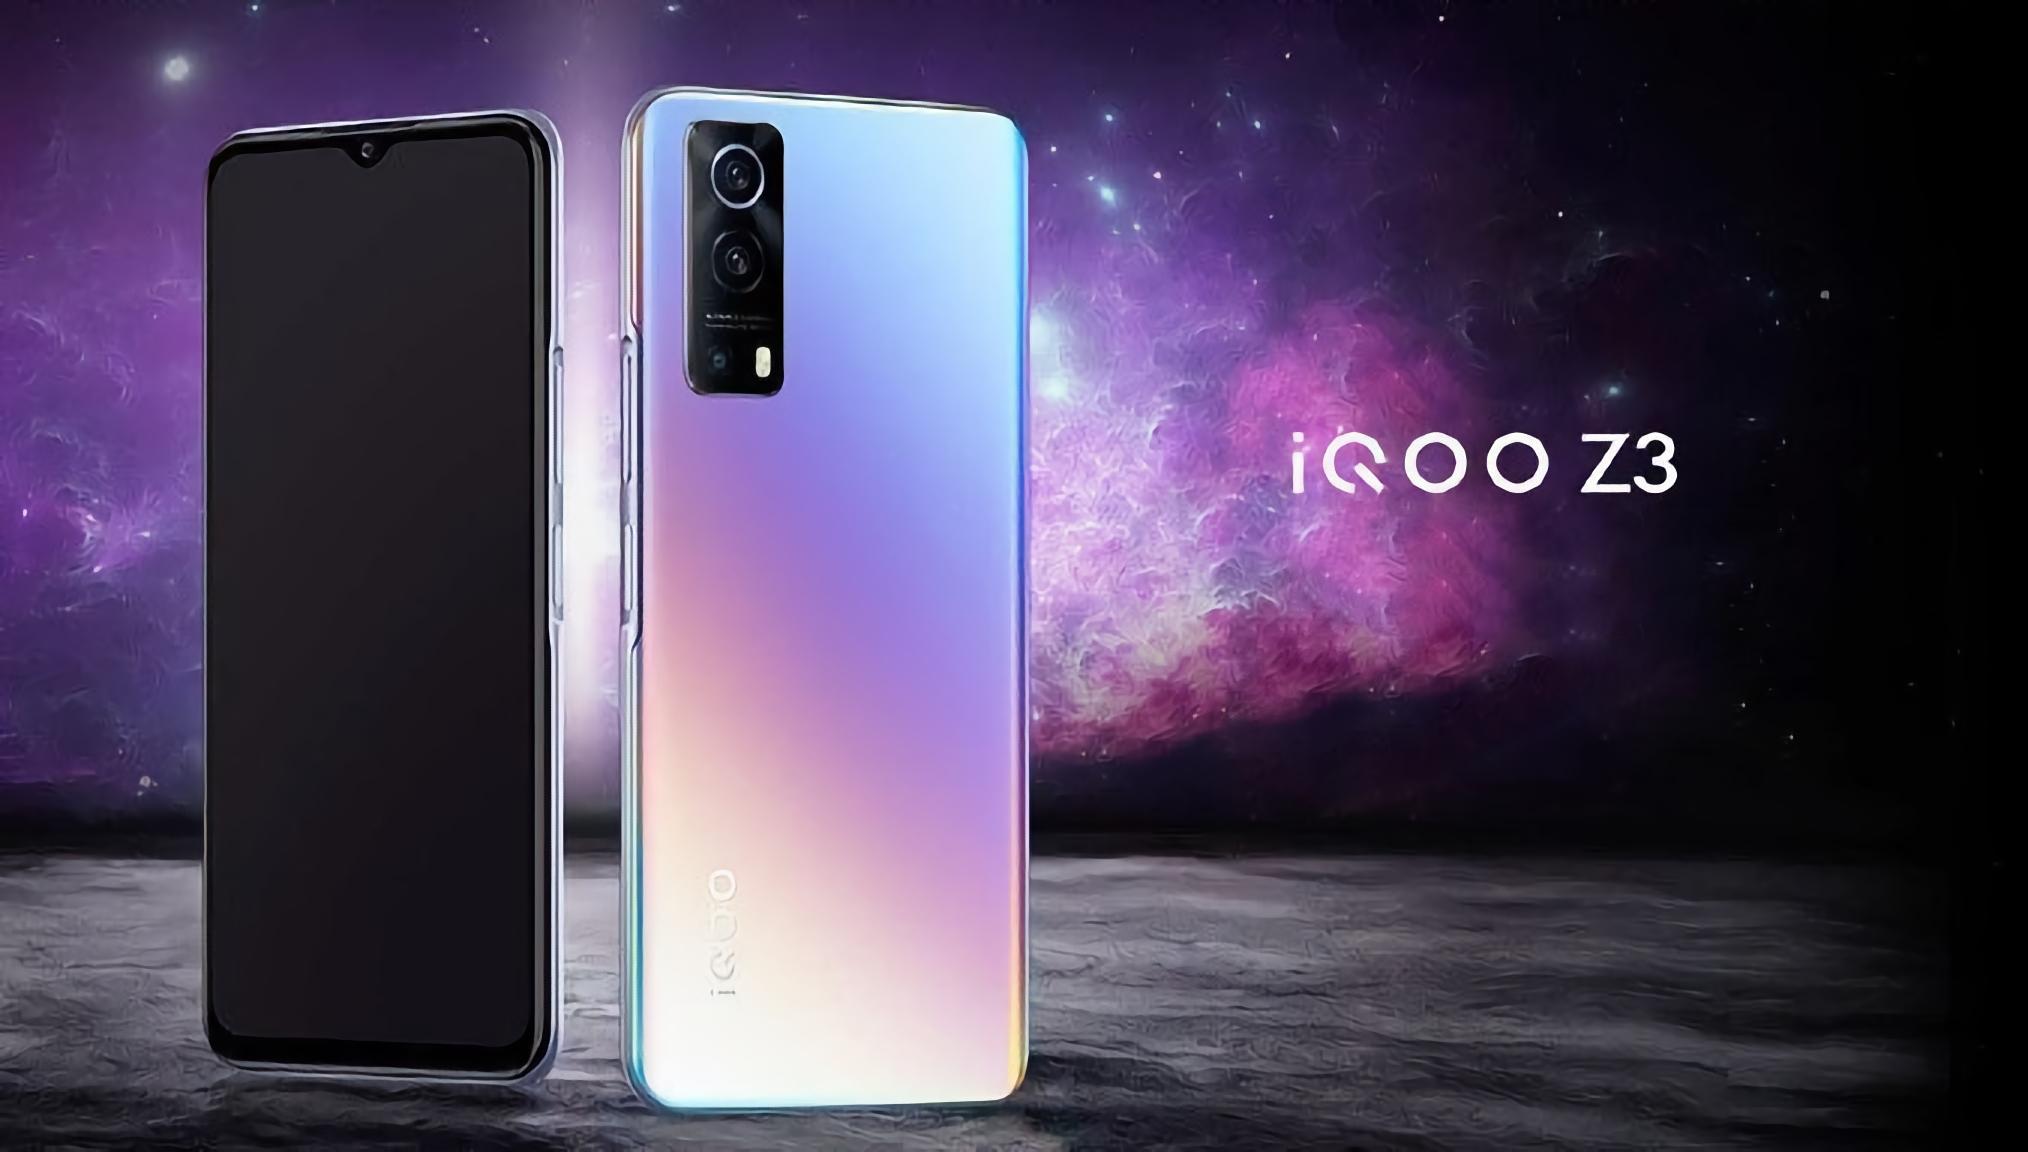 Игровой смартфон за недорого: Vivo показала iQOO Z3 с чипом Snapdragon 765G, экраном на 120 Гц и зарядкой на 55 Вт